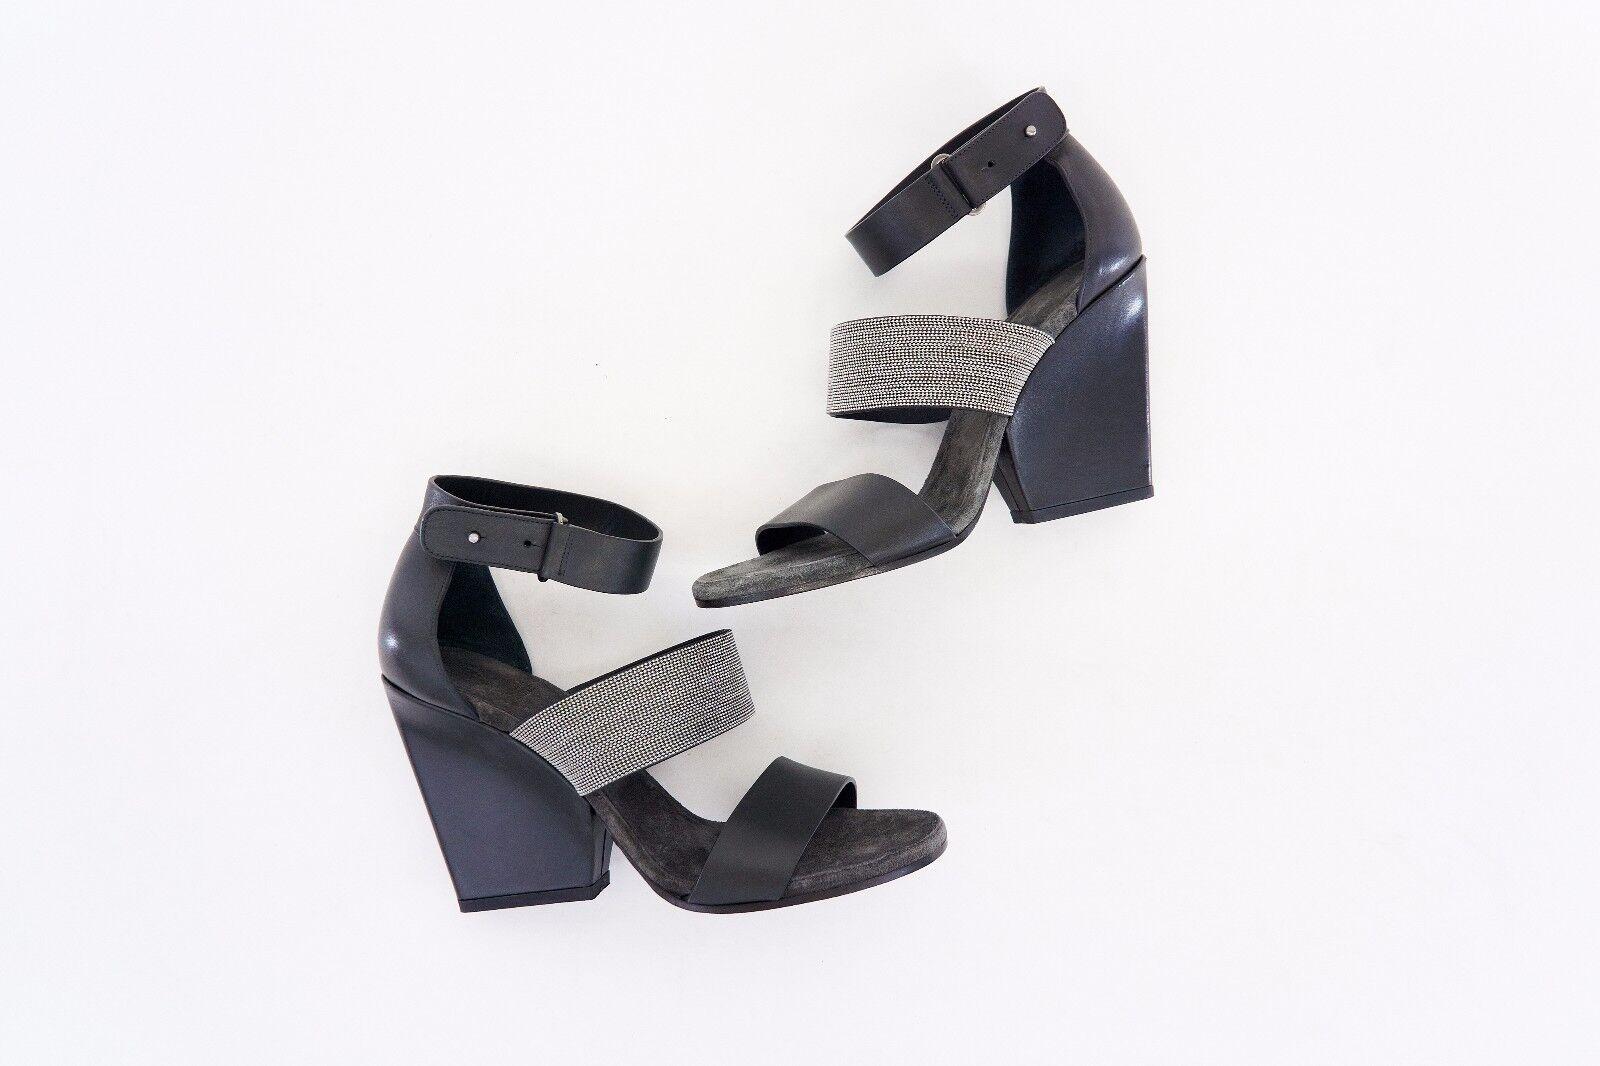 NWOB  1625 Brunello Cucinelli 100% Leather Monili Monili Monili Beaded Ankle Strap Wedges A176 8c00c5